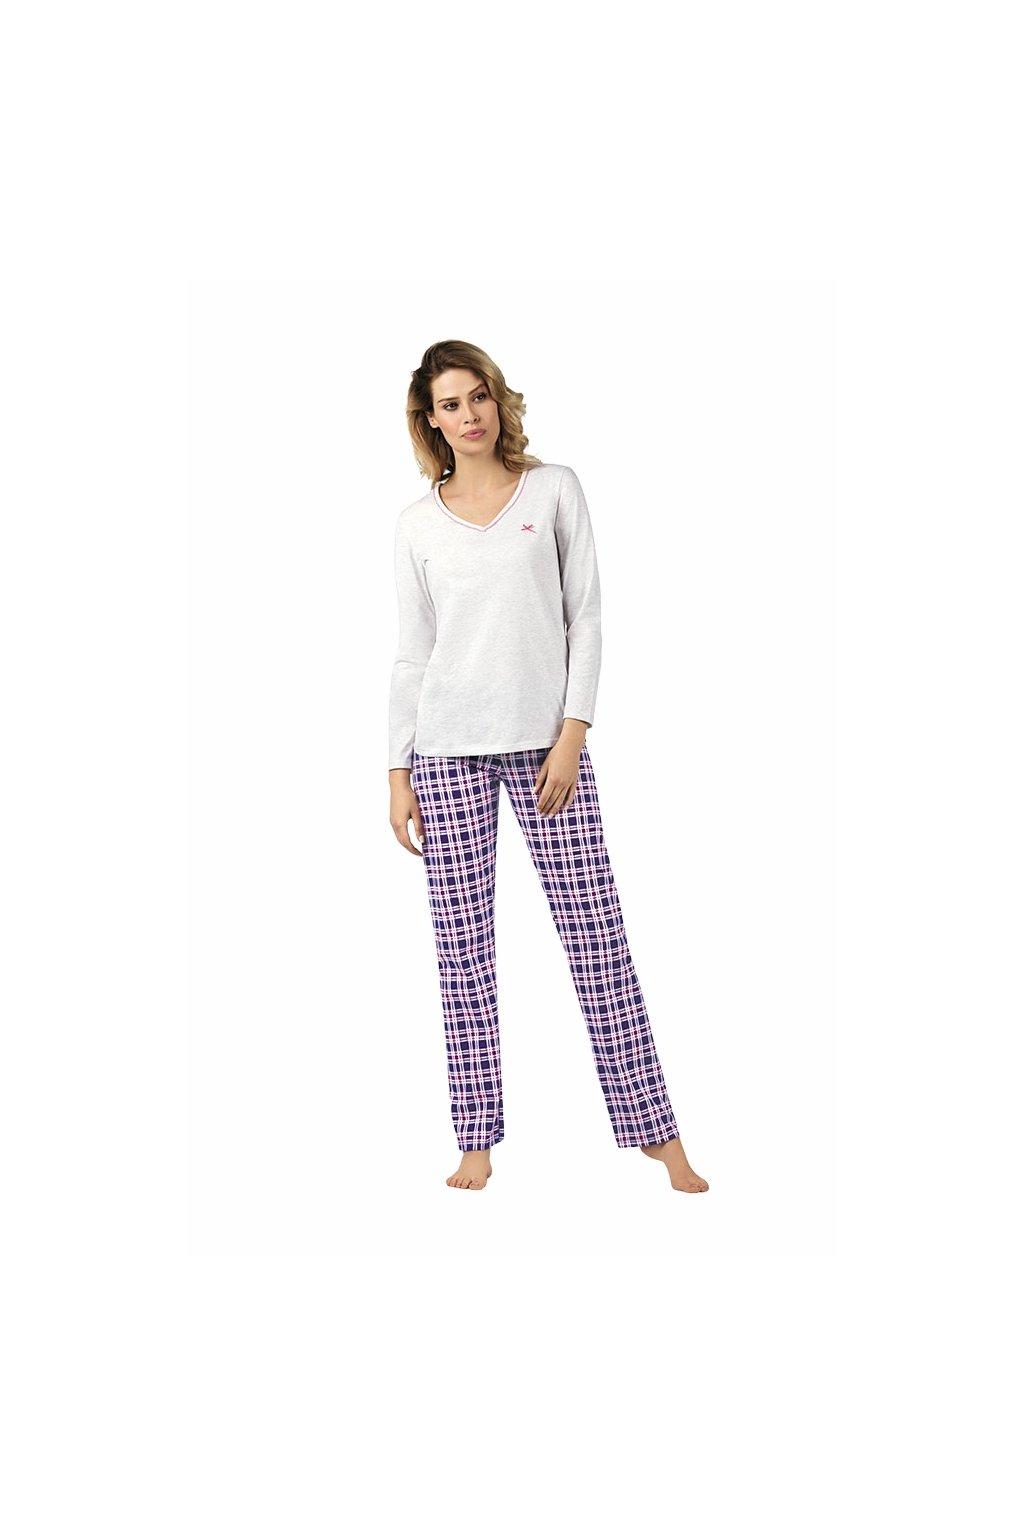 Dámská pyžamová halenka se 7/8 rukávem, 104417 388, smetanová